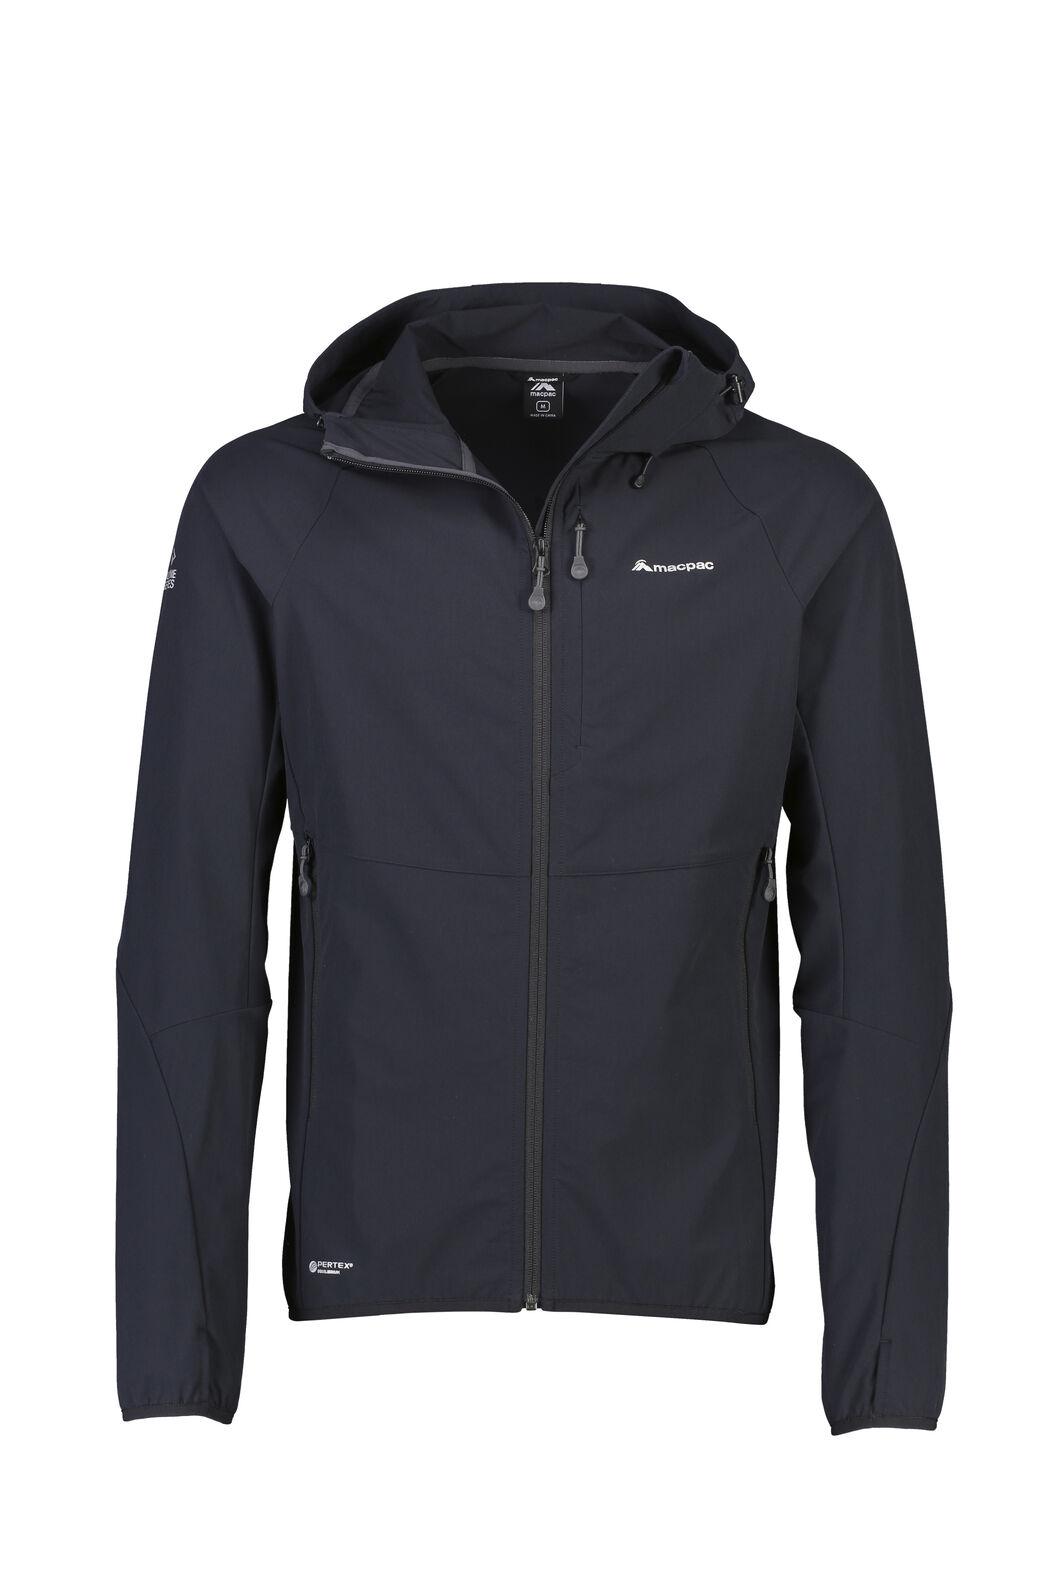 Macpac Mannering Pertex® Hooded Jacket — Men's, Black, hi-res